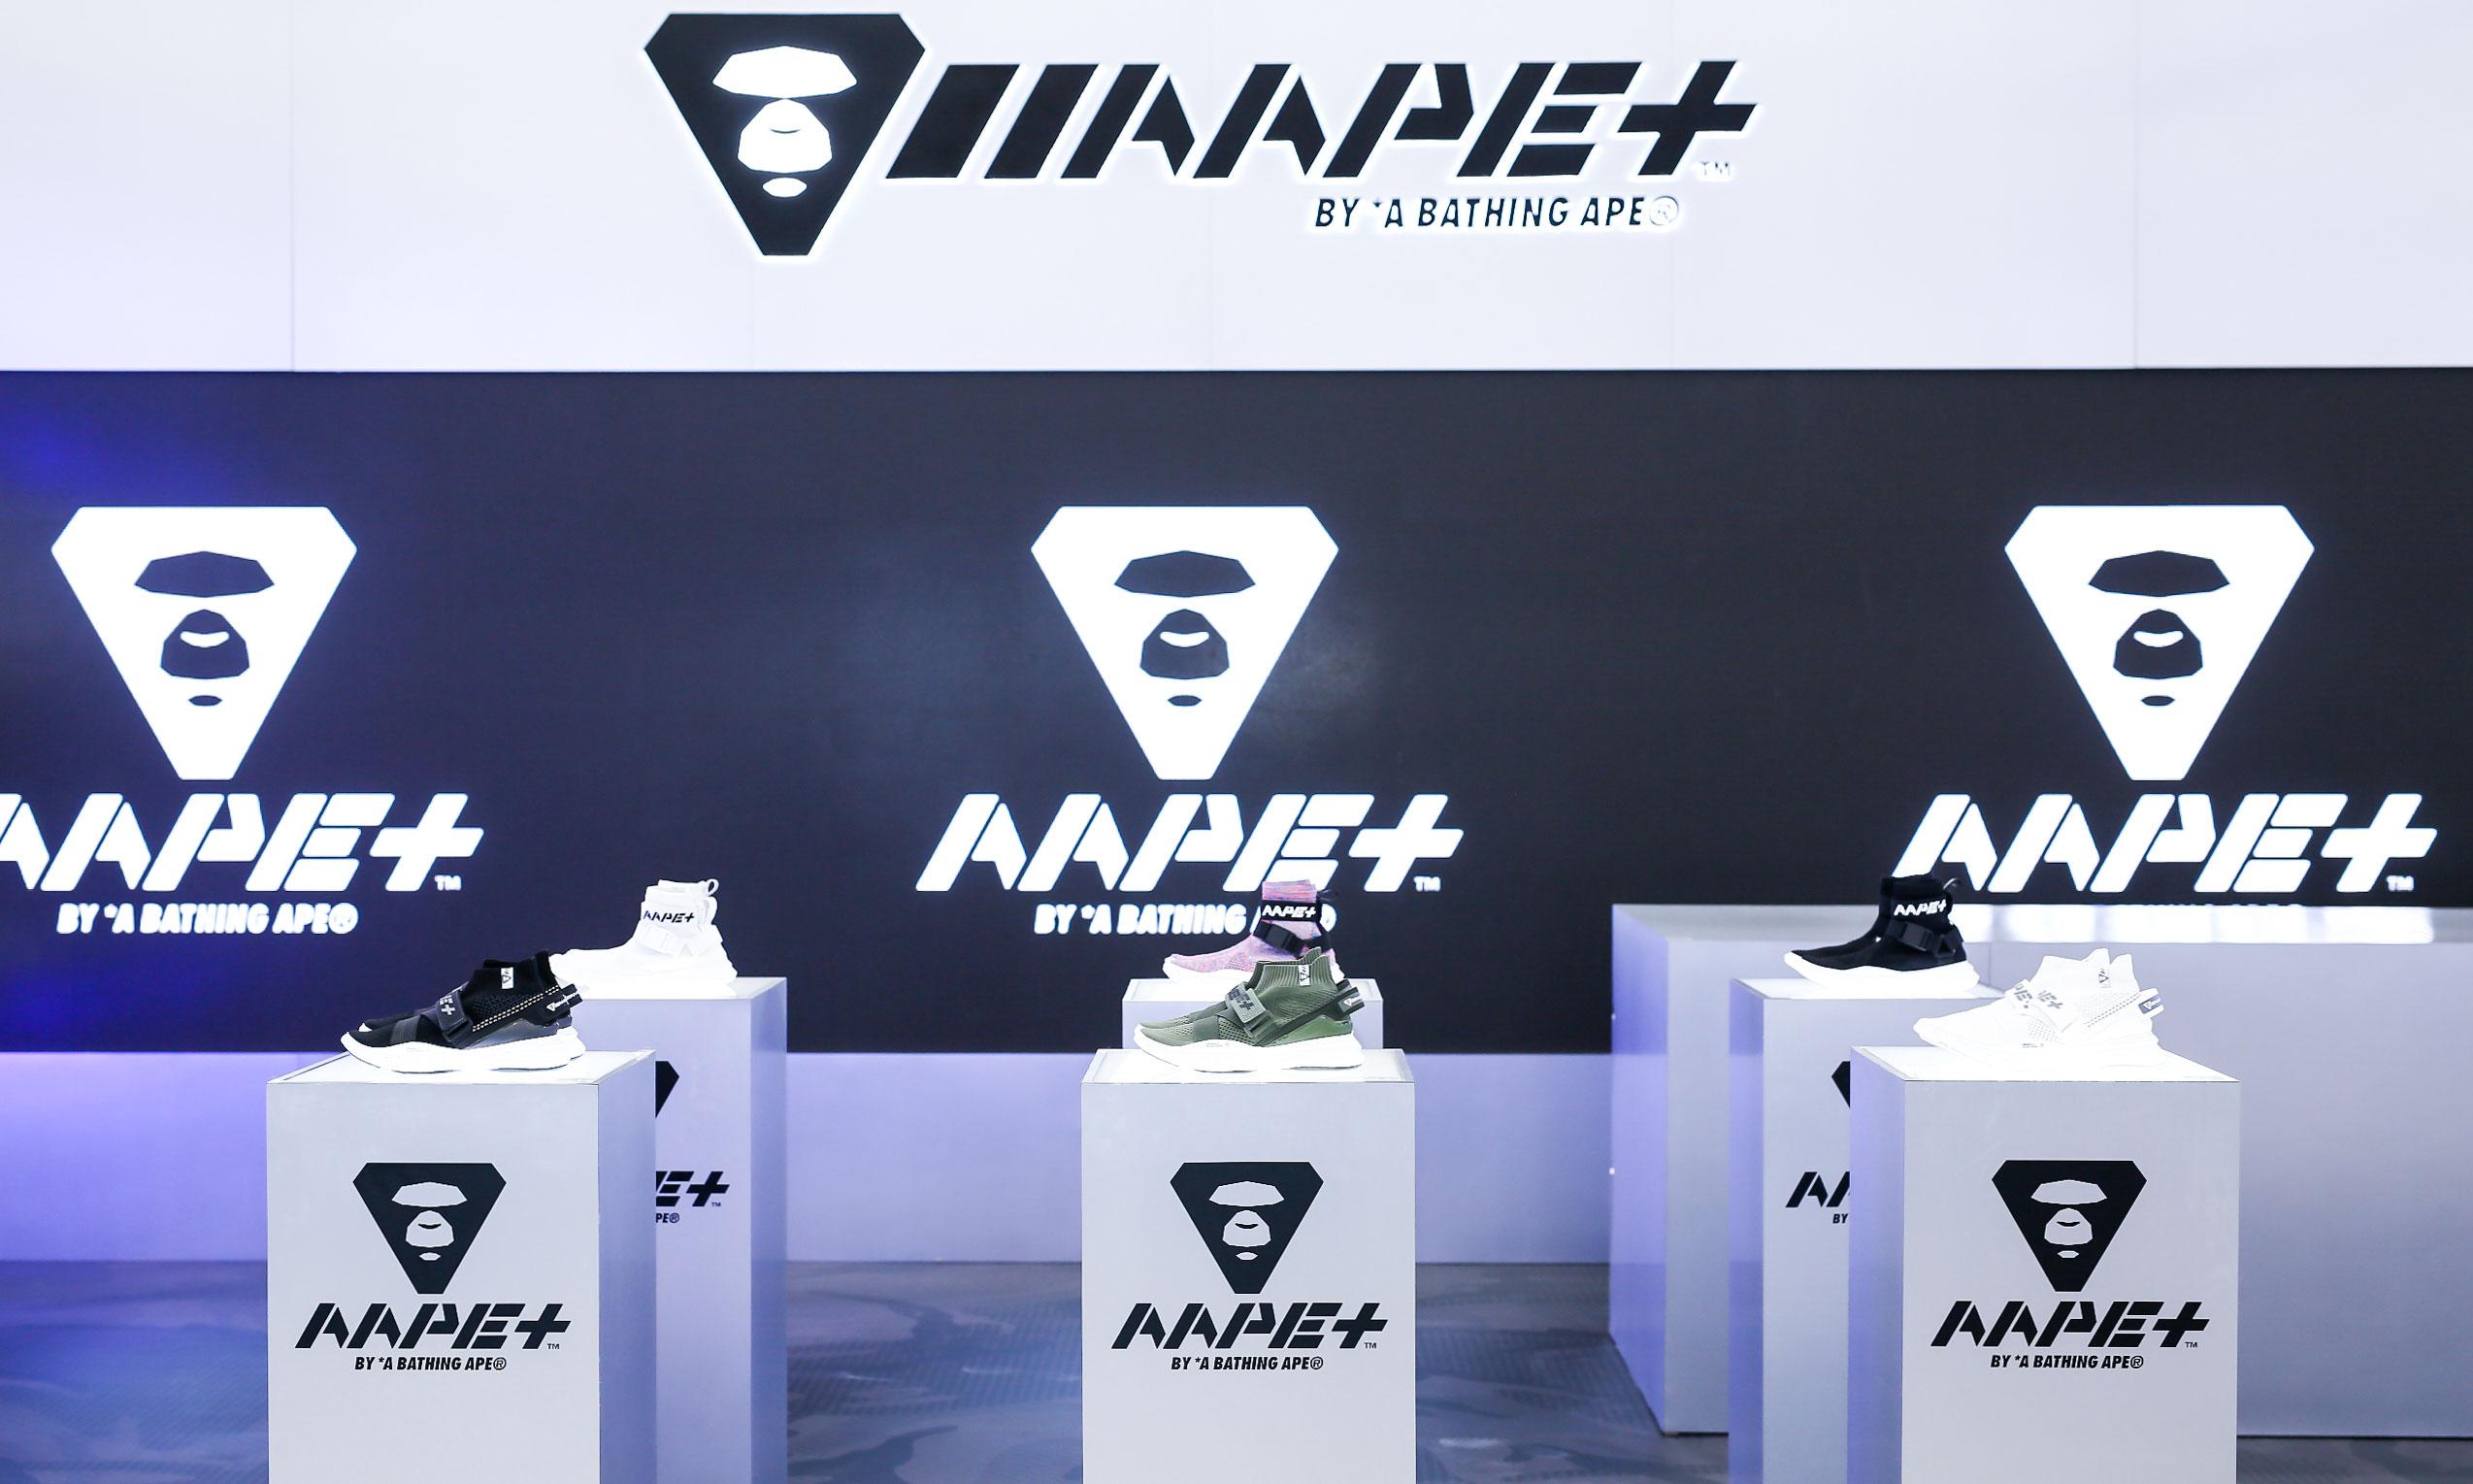 AAPE+ BY A BATHING APE® 全新鞋款于上海 Sneaker Con 亮相